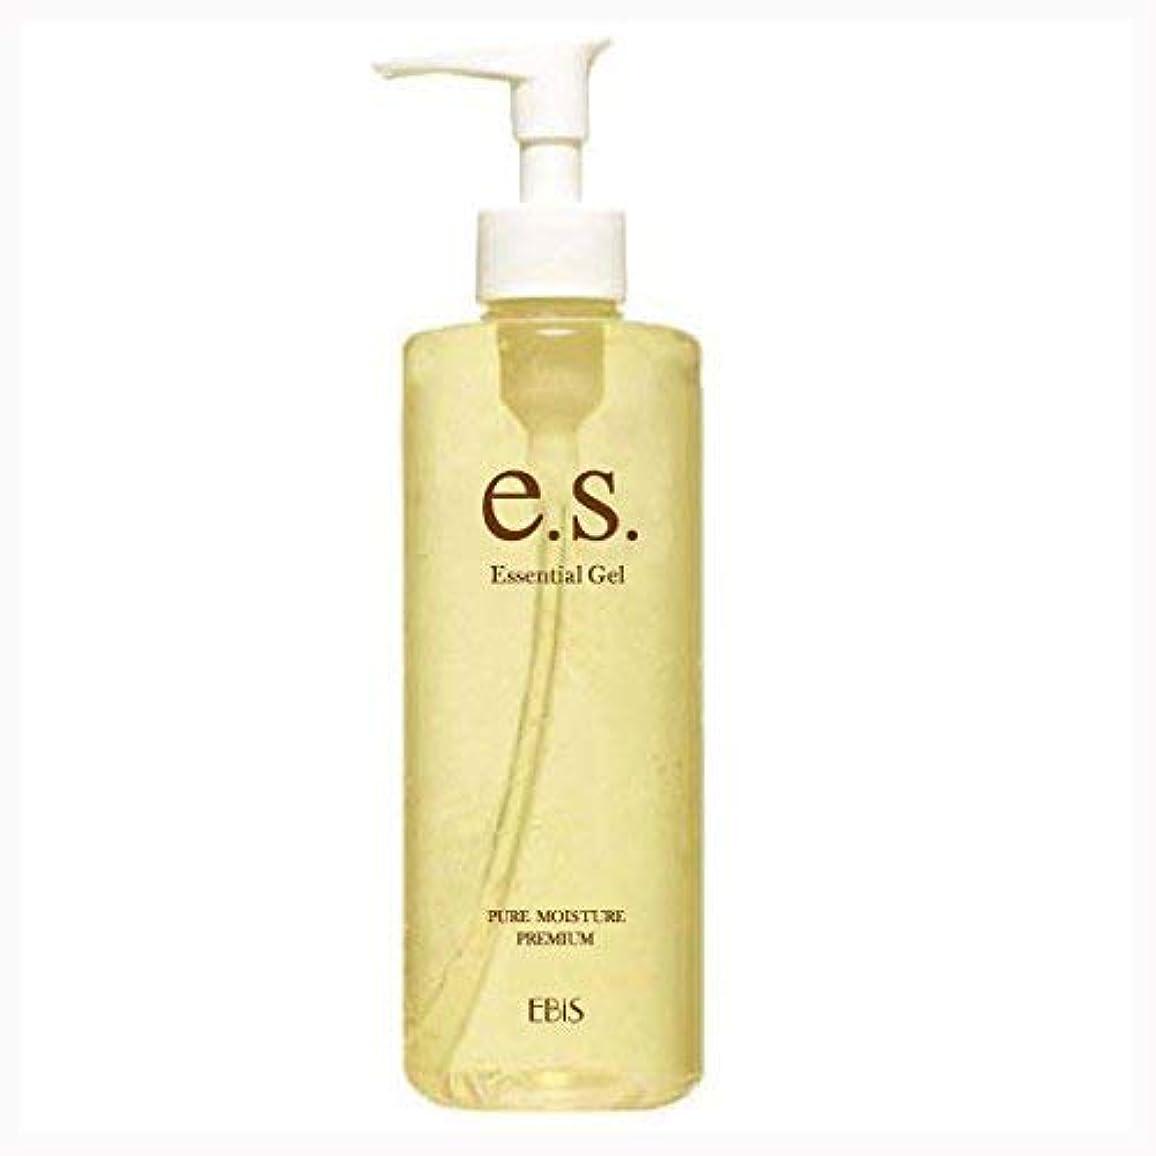 仕事高度フレッシュエビス化粧品(EBiS) イーエスエッセンシャルジェル (310g) 美顔器ジェル 無添加処方 アルコールフリー 日本製 男女兼用 保湿ジェル